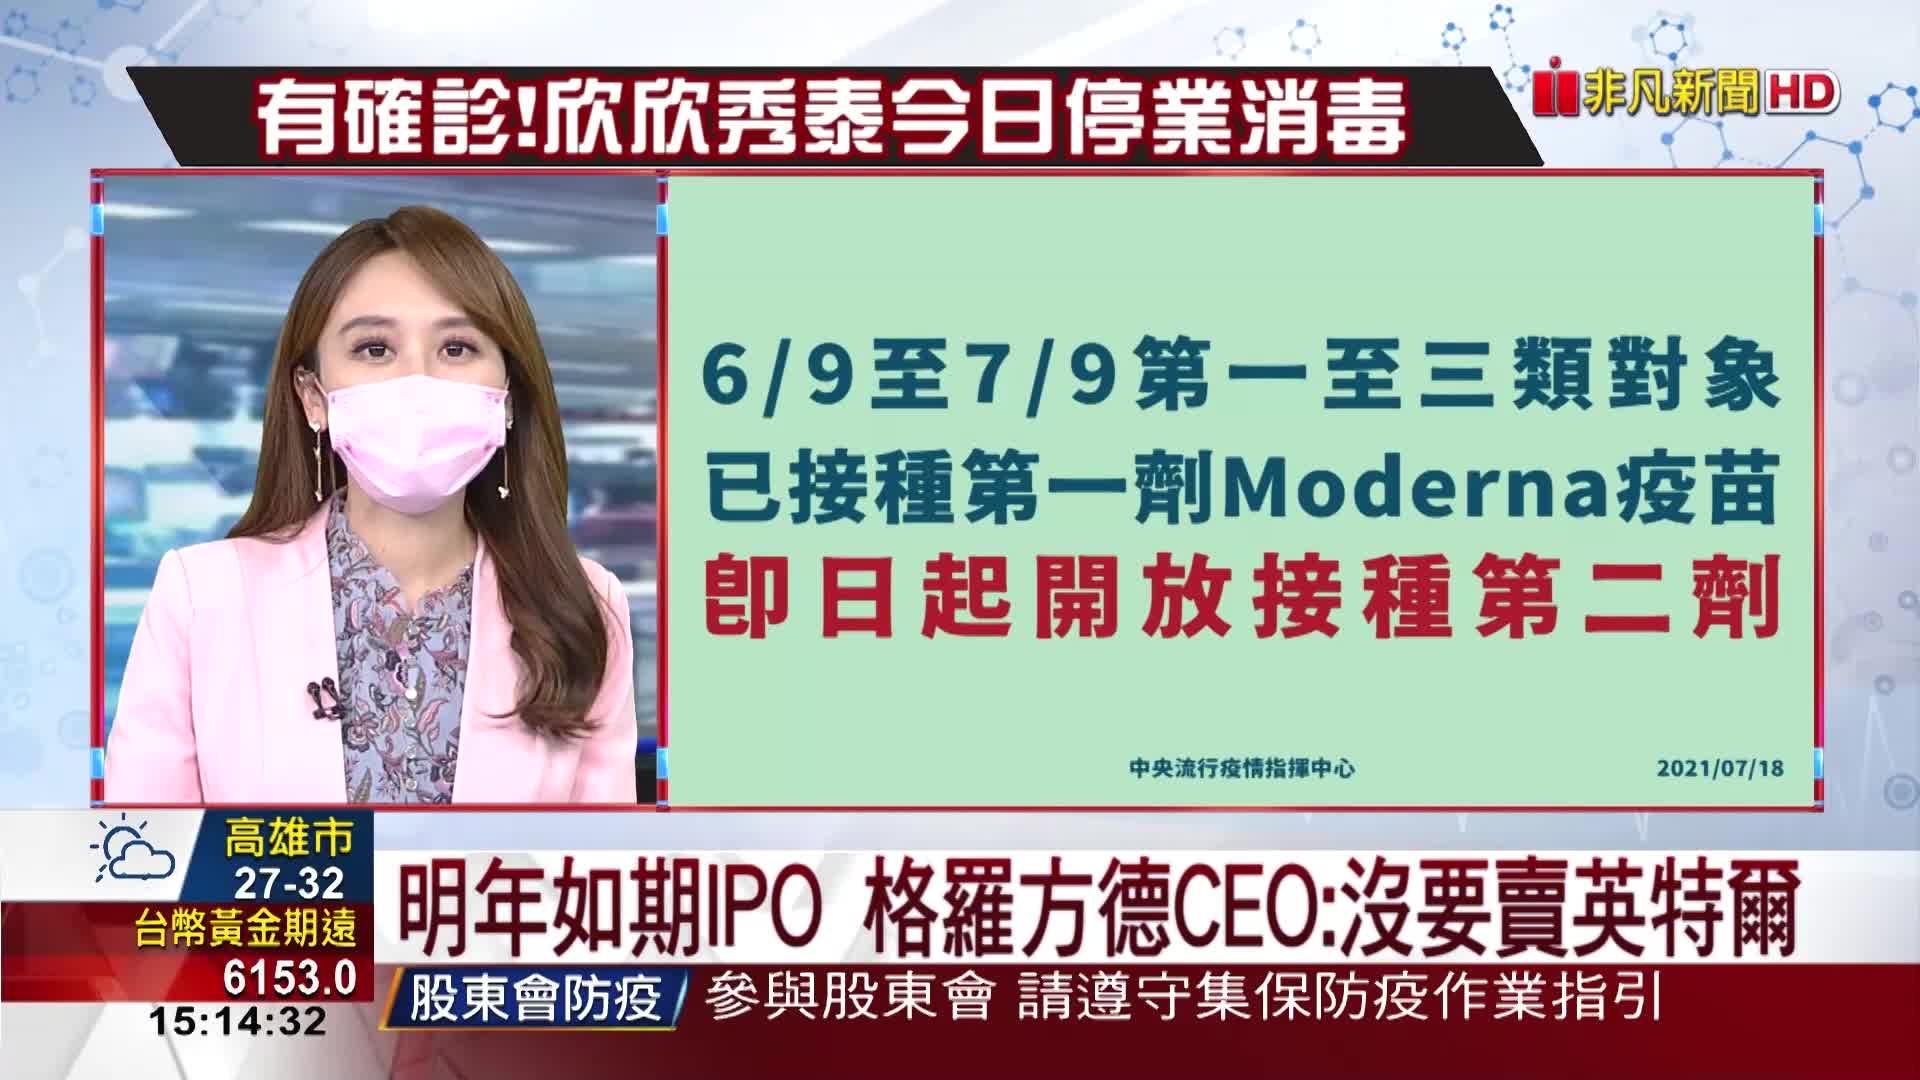 明年如期IPO 格羅方德CEO:沒要賣英特爾